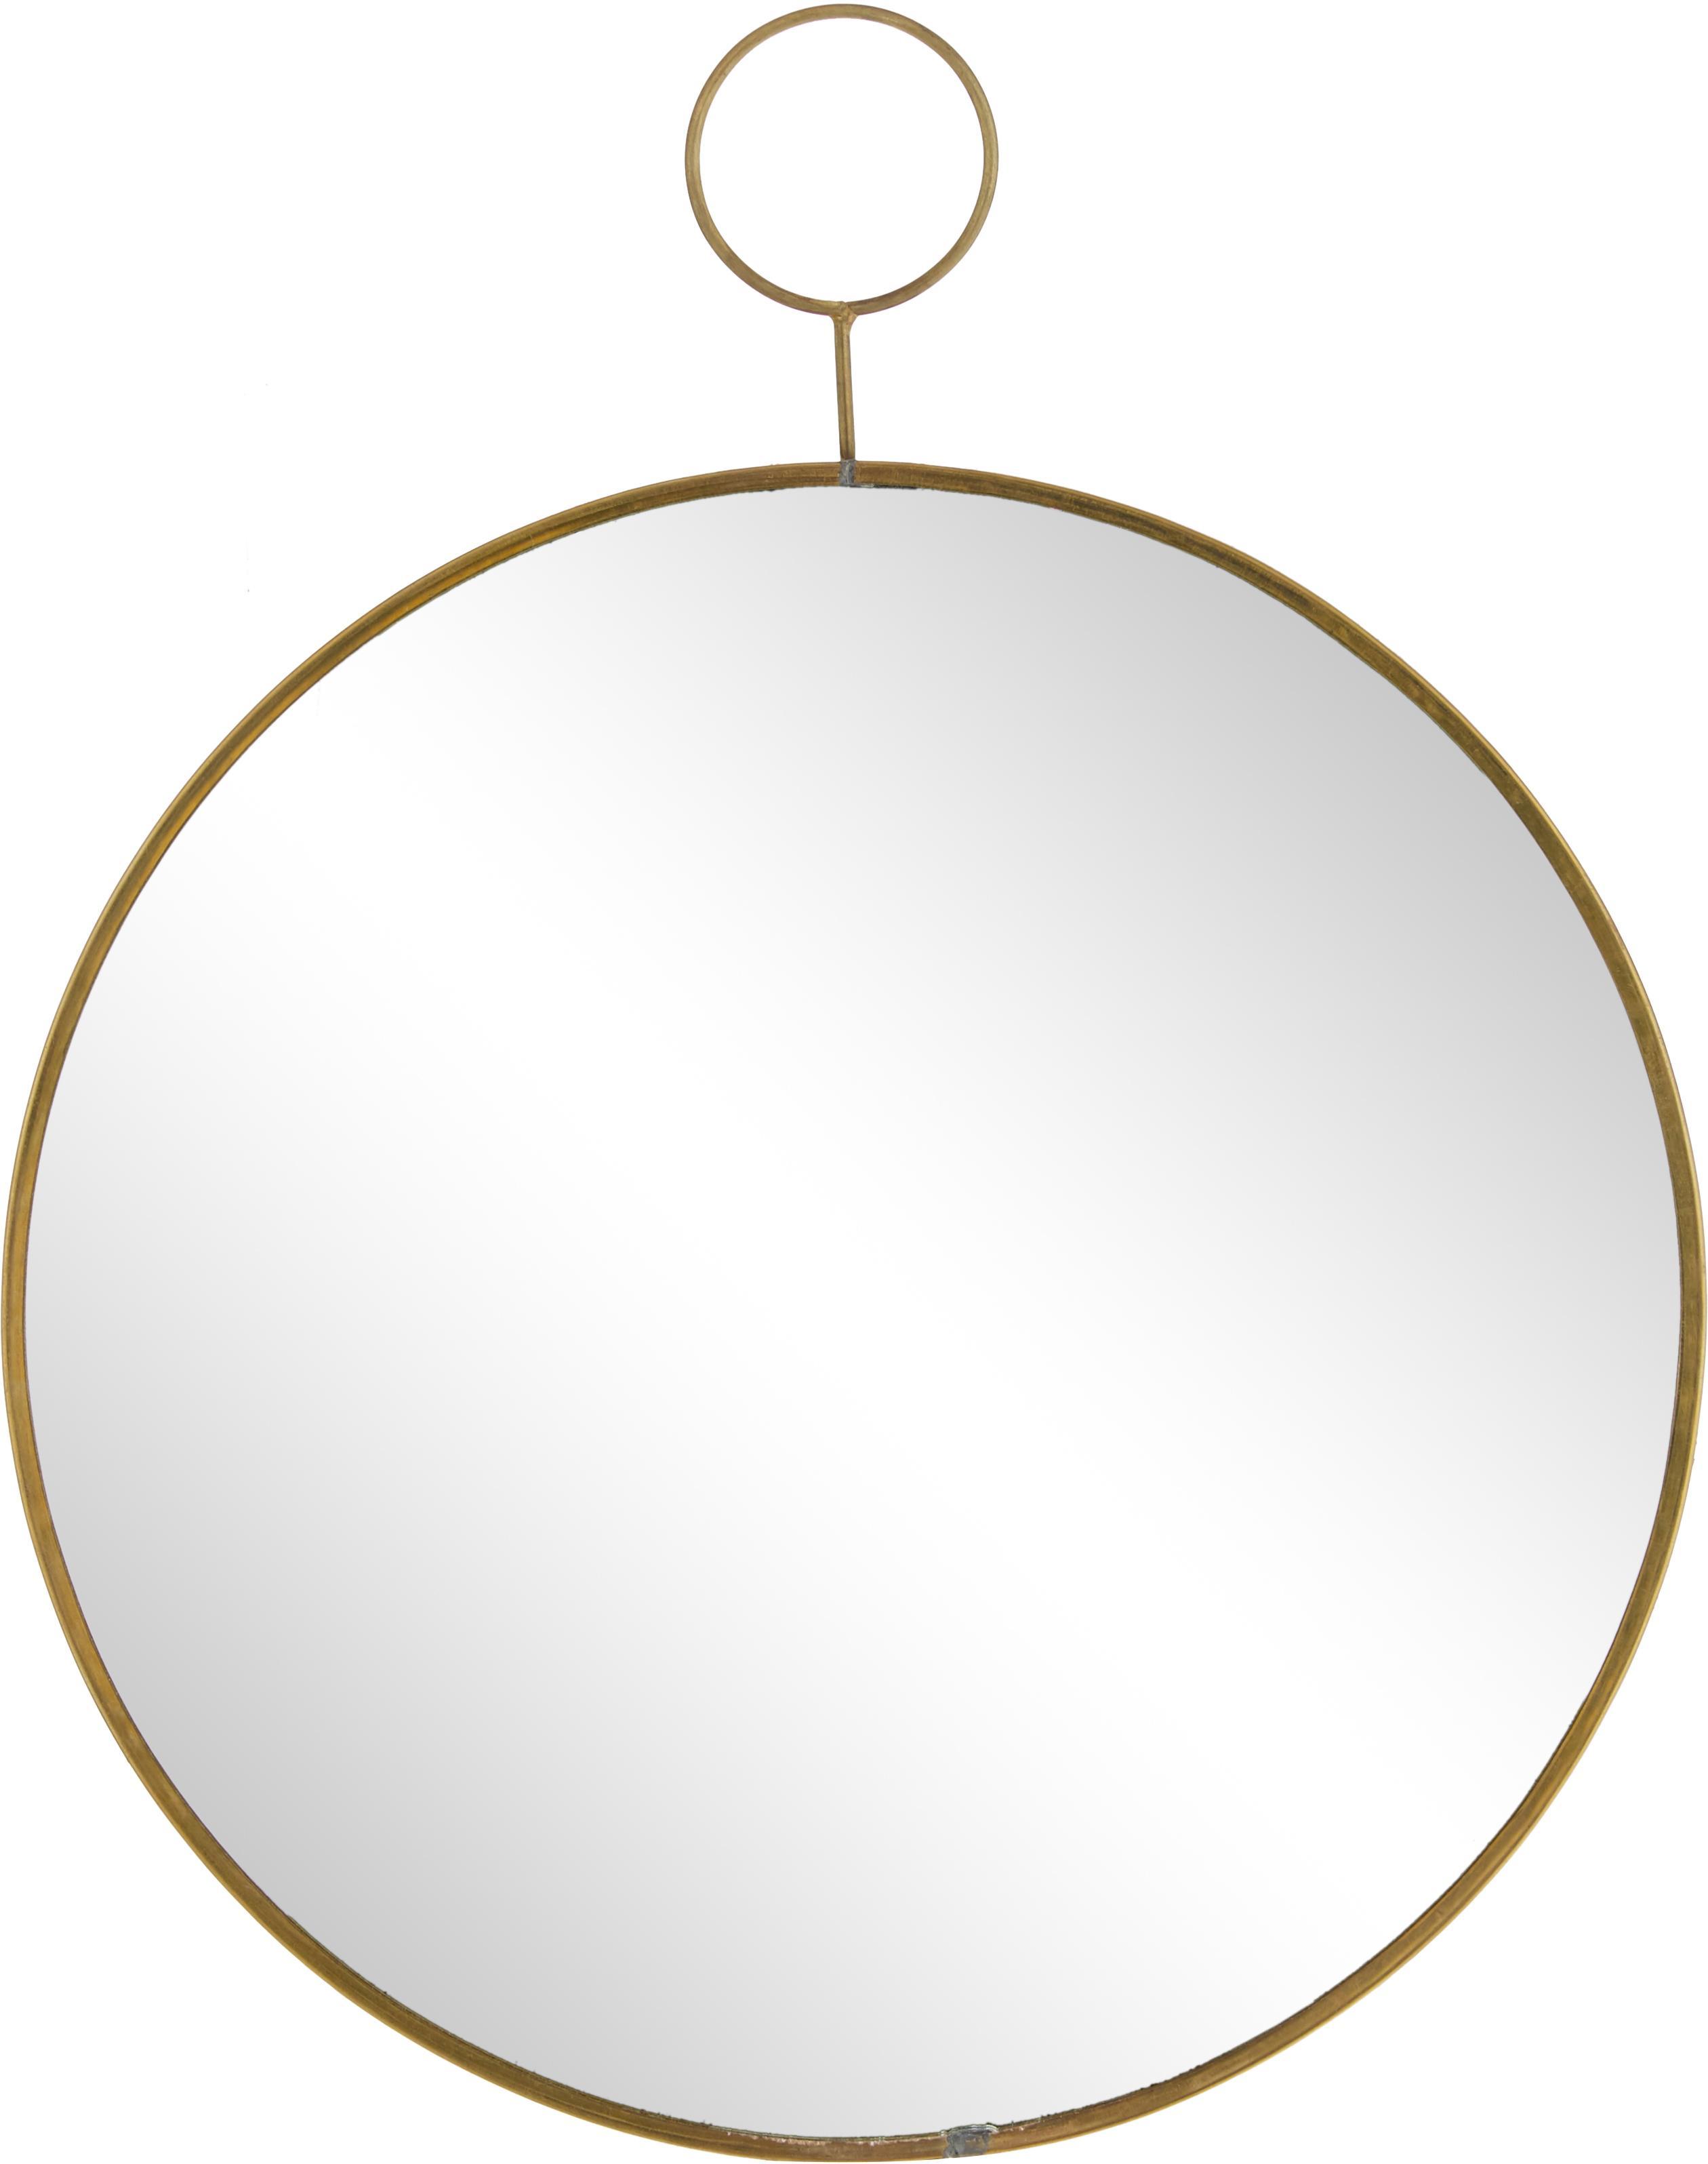 Ronde wandspiegel Loop met geborstelde messing lijst, Rand: metaal met bewust aangebr, Rand: messingkleurig. Spiegelvlak: spiegelglas, Ø 32 cm